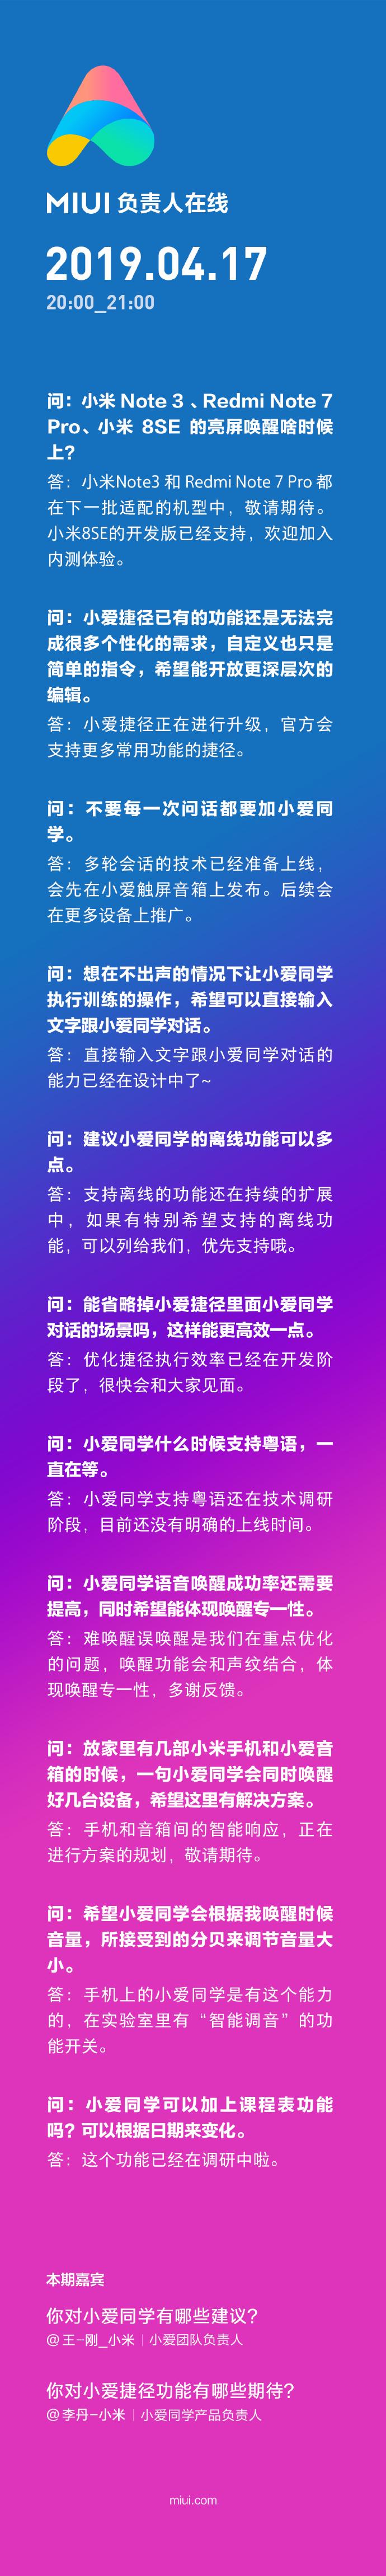 小米负责人公布MIUI的小爱同学开发进展:大量新功能等待上线中-玩懂手机网 - 玩懂手机第一手的手机资讯网(www.wdshouji.com)